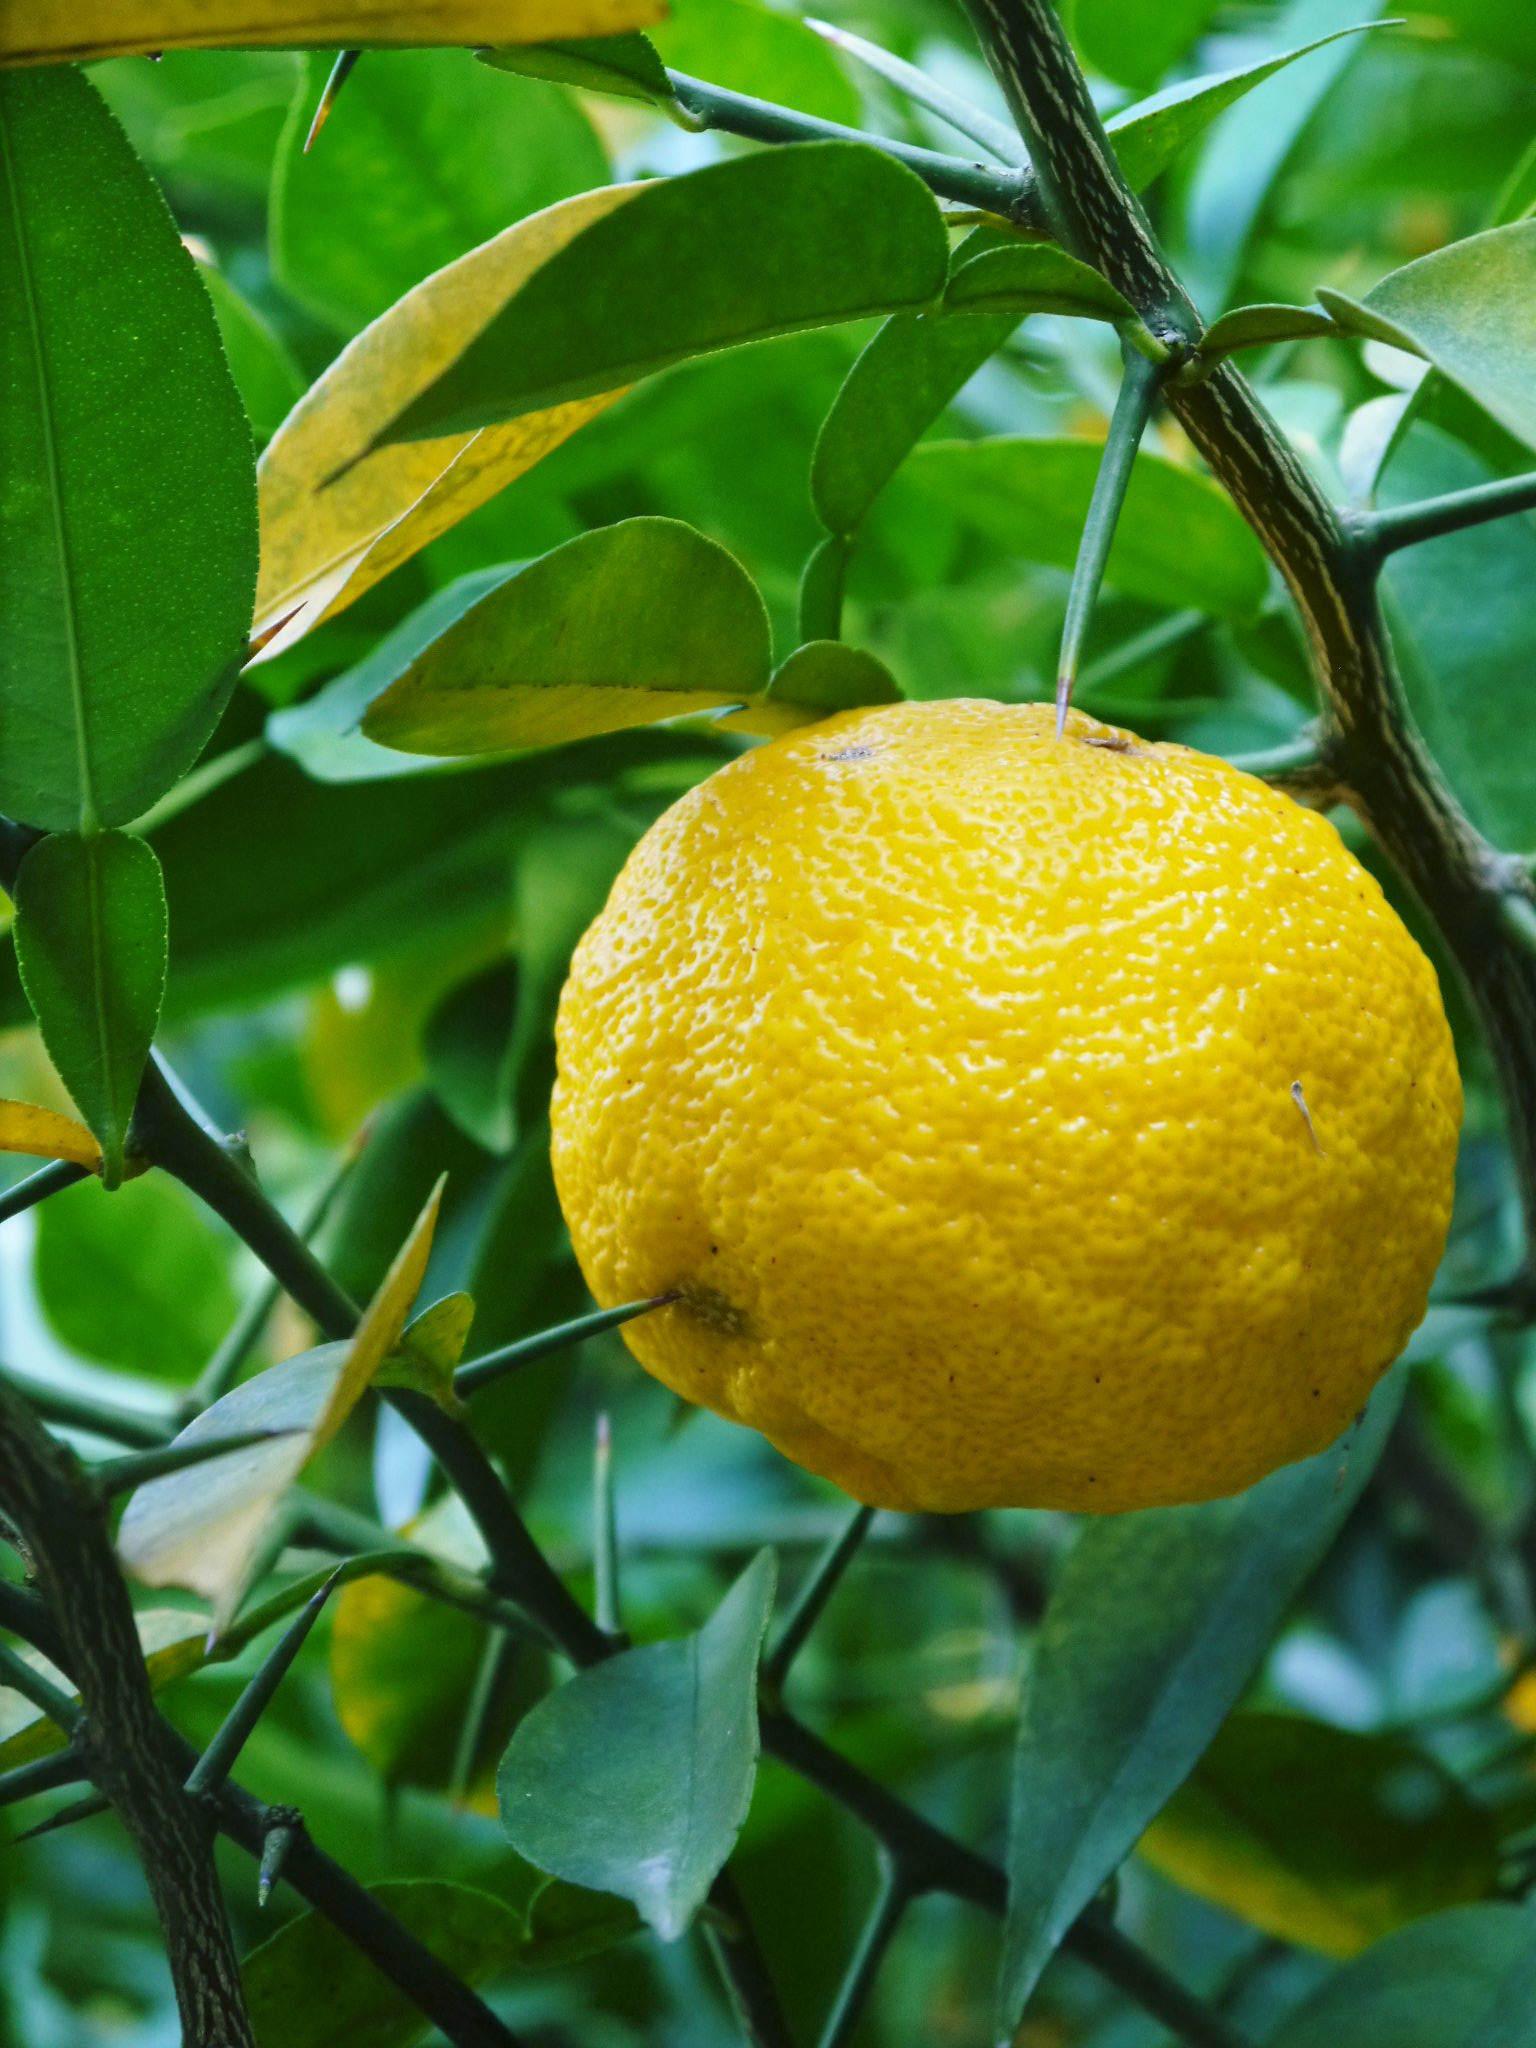 香り高き柚子(ゆず) 令和3年の青柚子の出荷予定と現在の様子 今のうち青唐辛子を購入しておいて下さい_a0254656_18513396.jpg